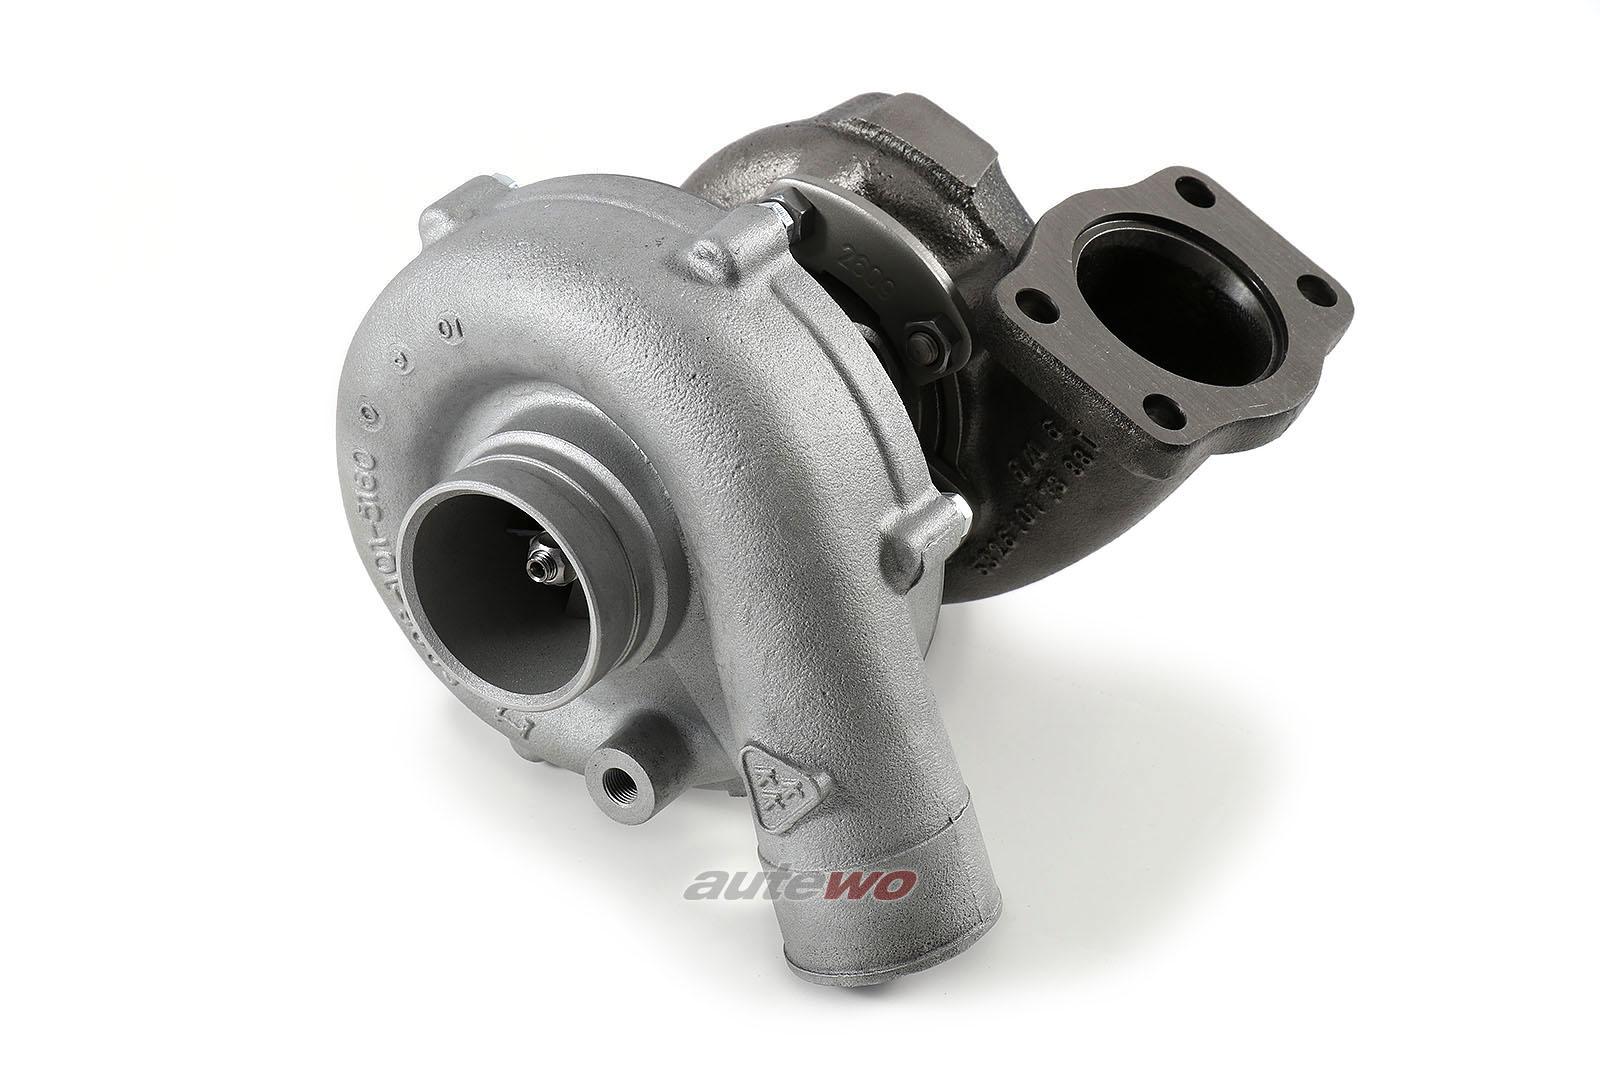 Audi S2/RS2/S4/S6 C4 2.2l 20V Turbolader K24/7200 entspricht 034145703D